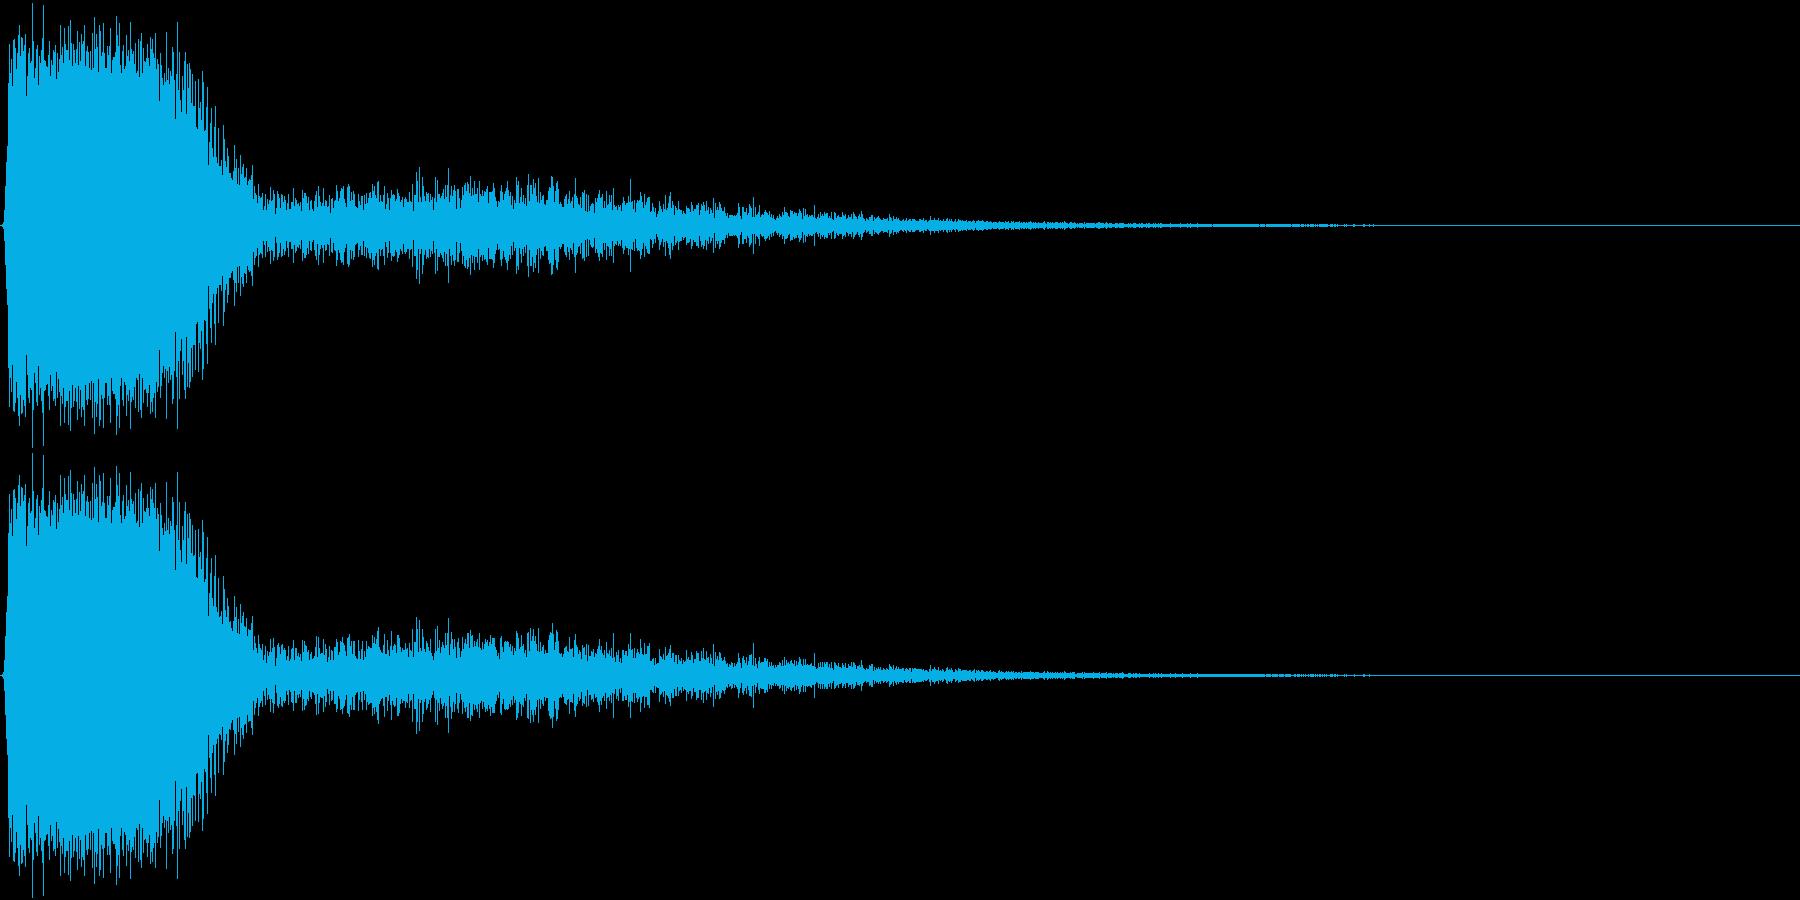 KAKUGE 格闘ゲーム戦闘音 56の再生済みの波形